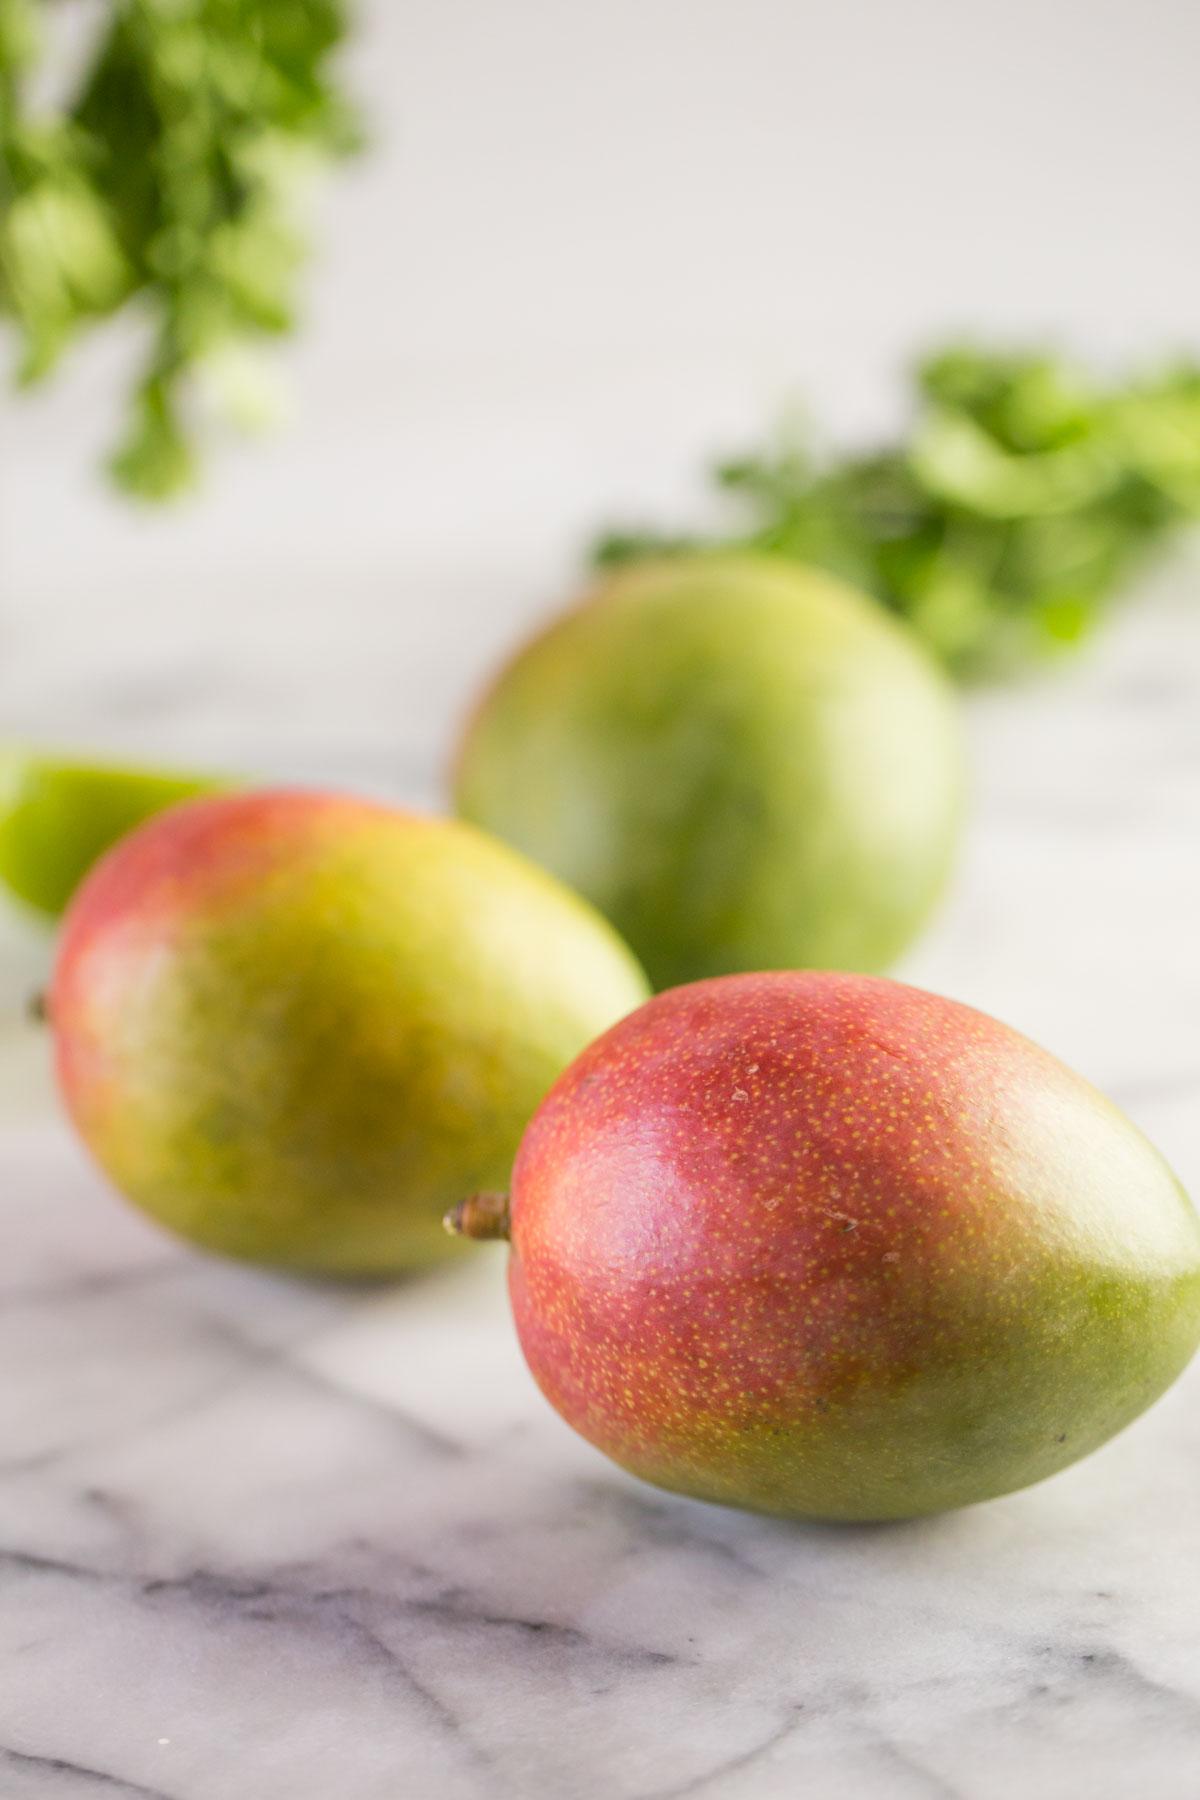 Three whole mangos.